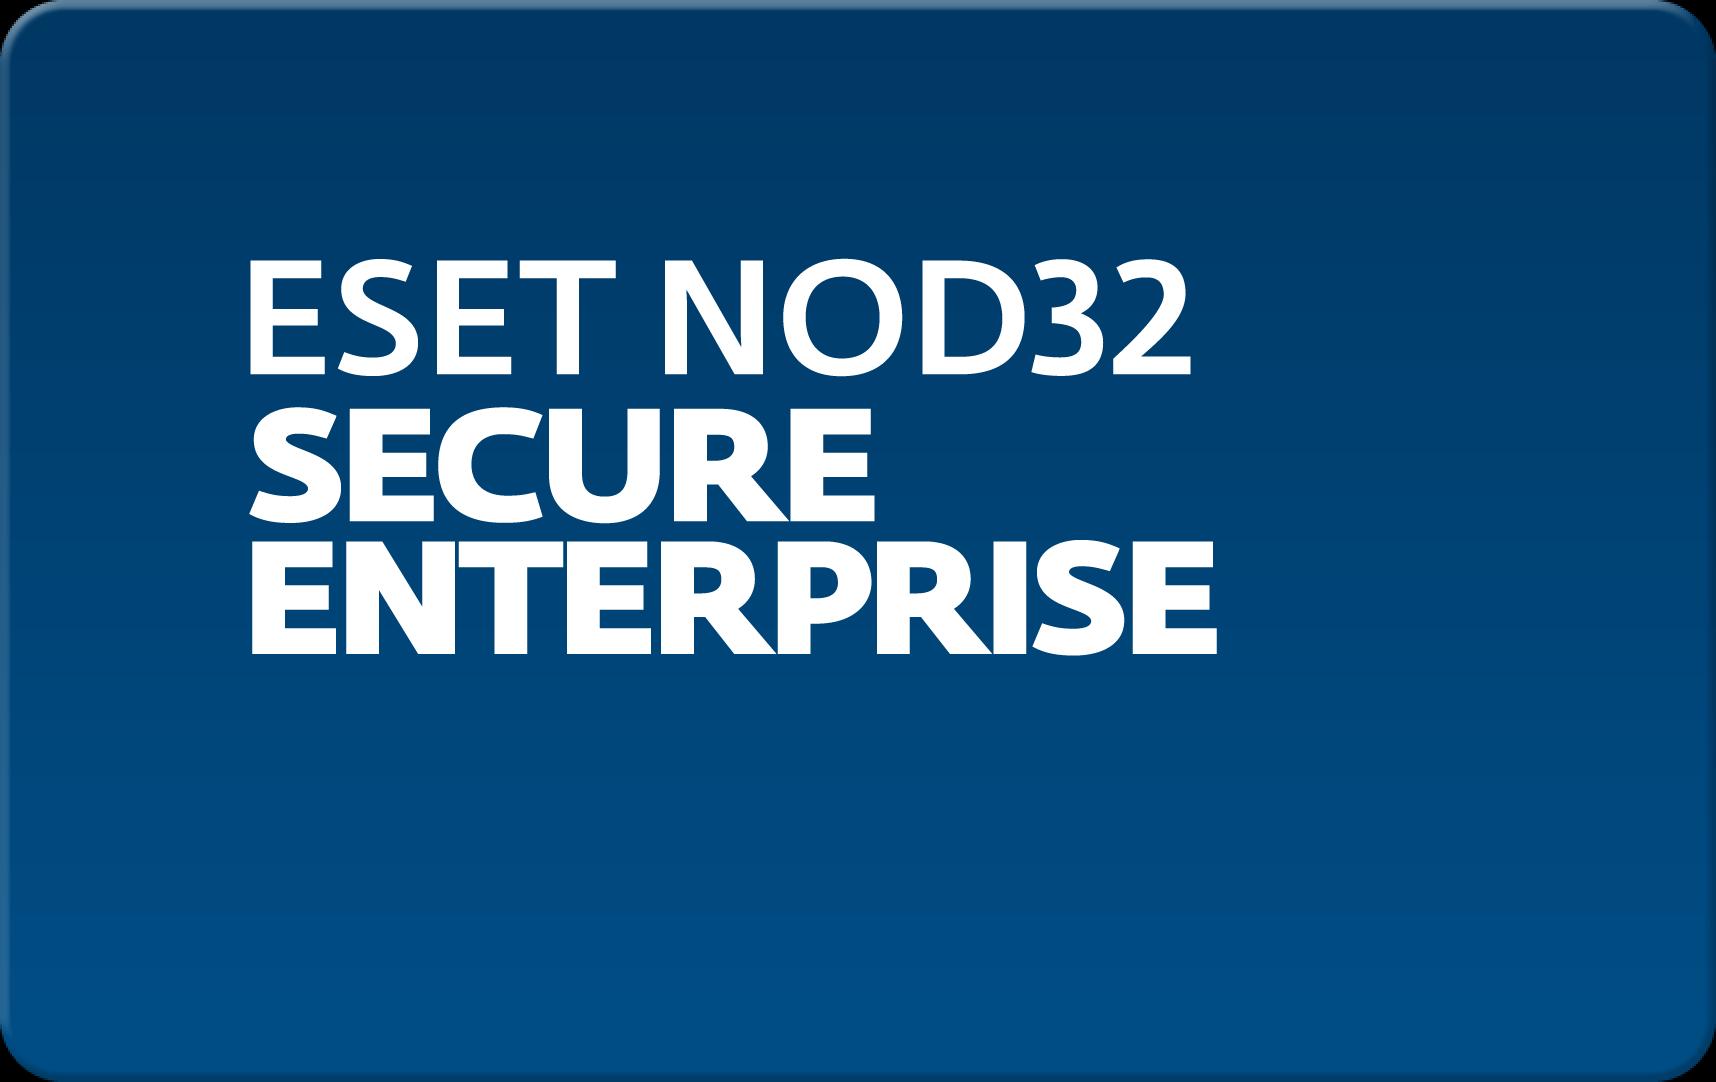 Кроссплатформенная антивирусная защита всех узлов корпоративной сети ESET Eset NOD32 Secure Enterprise  для 26 пользователей